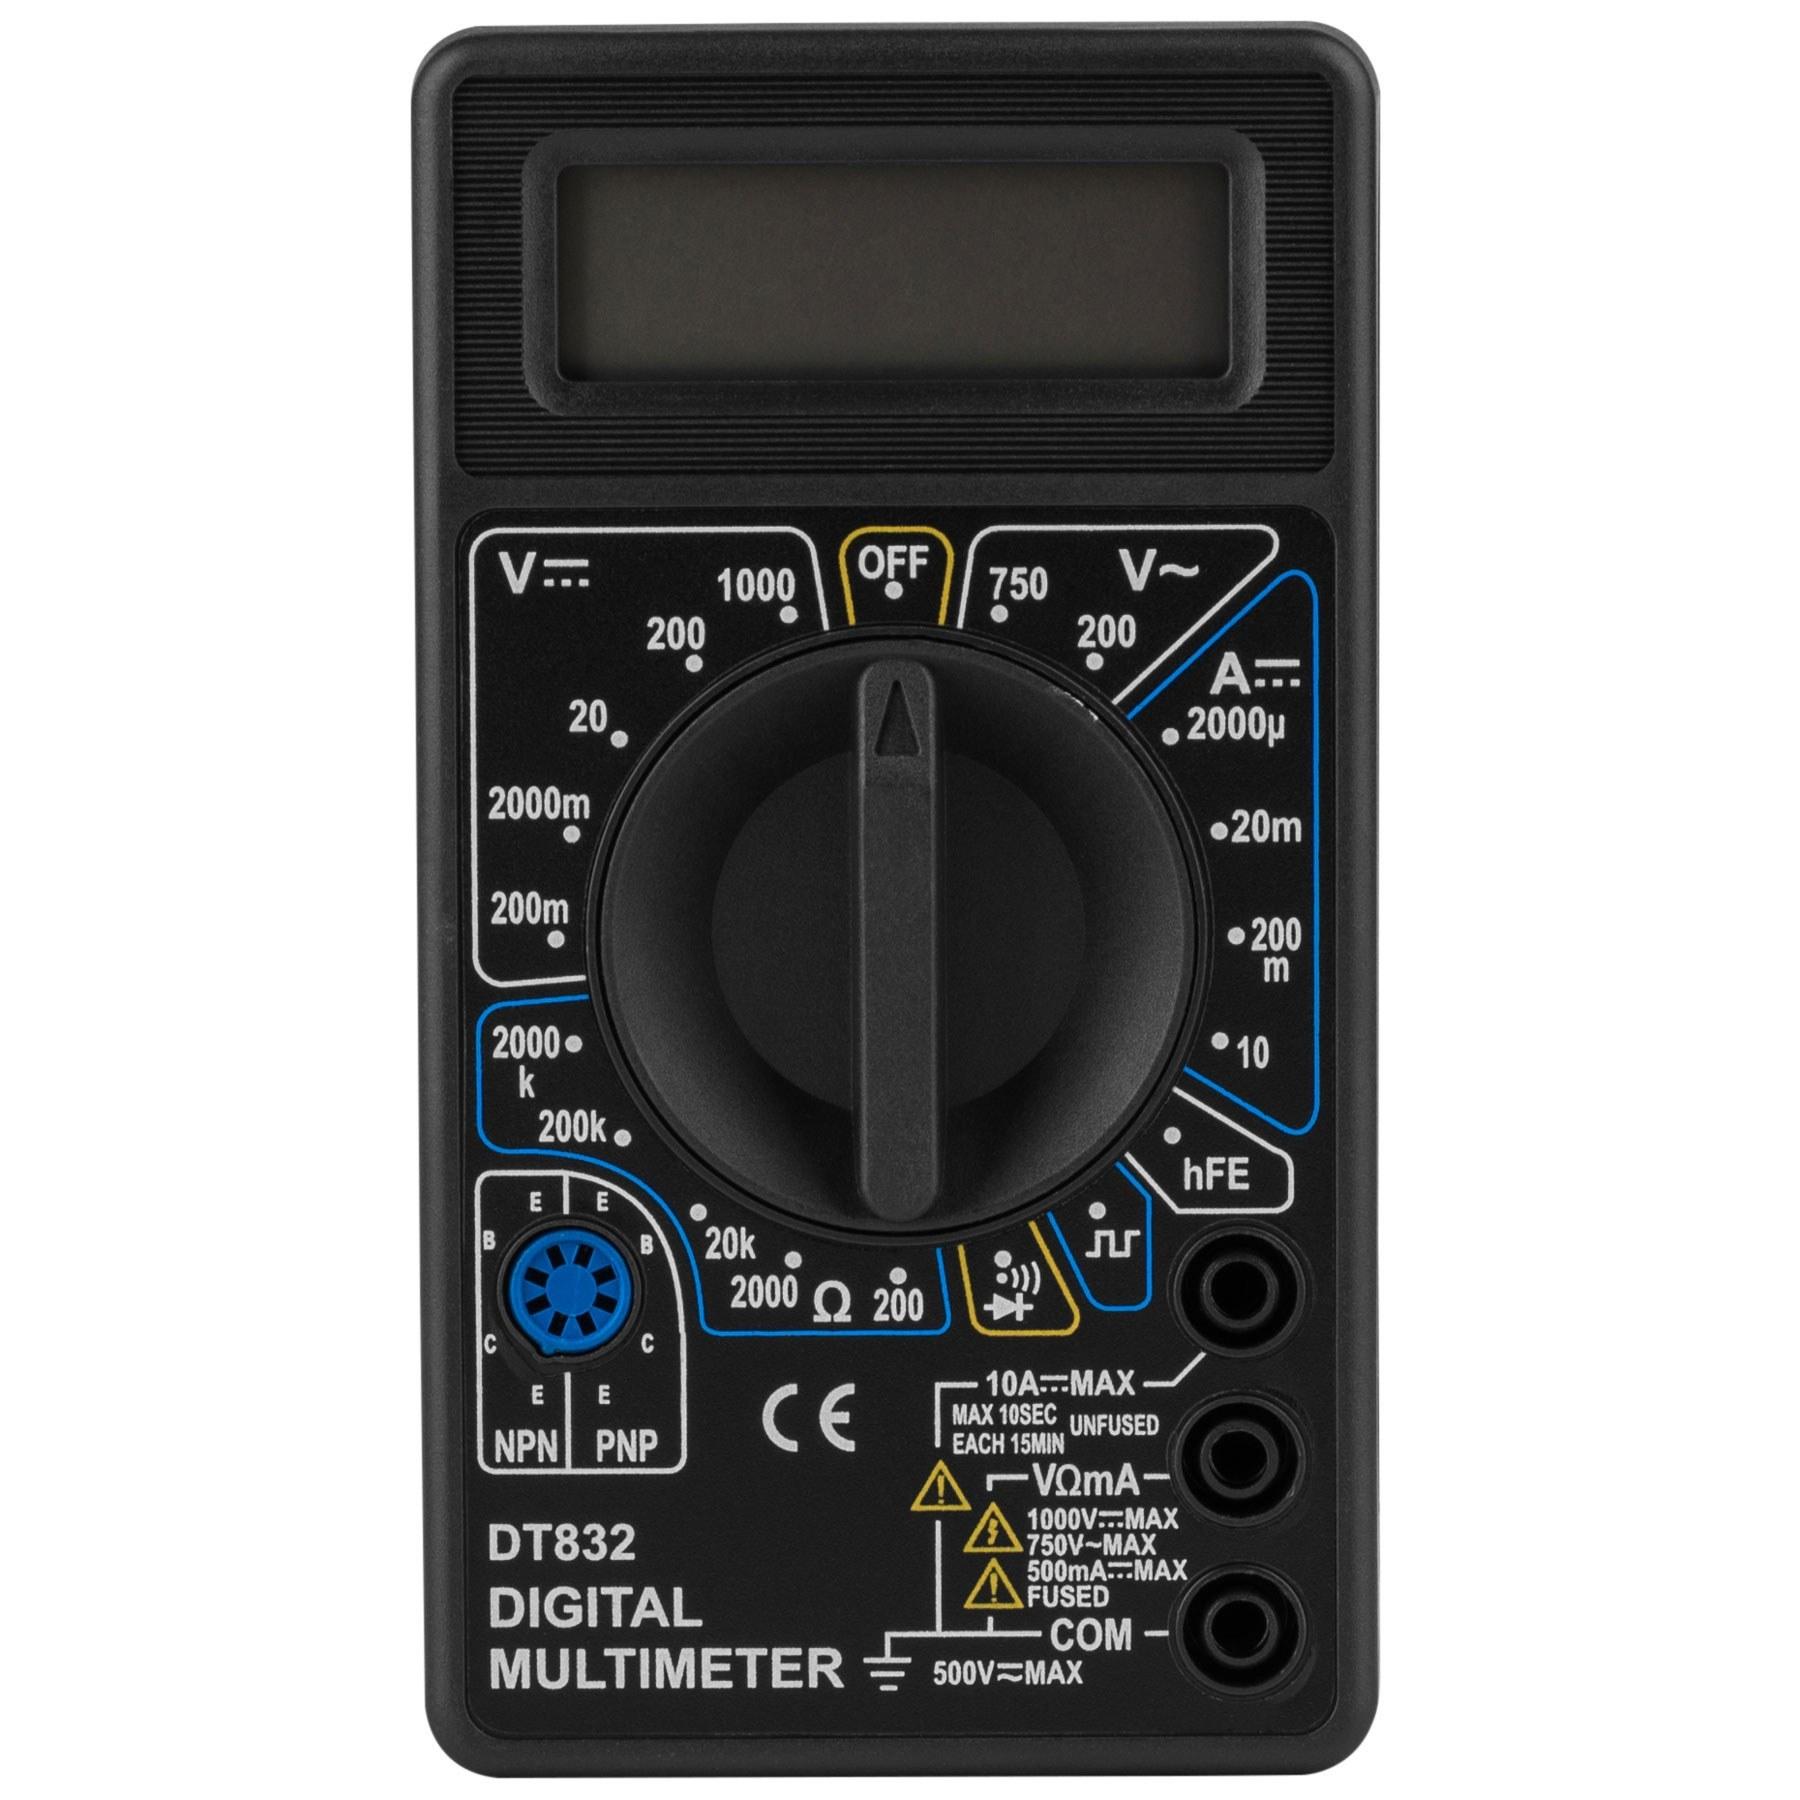 عکس مولتی متر دیجیتال مدل DT832  مولتی-متر-دیجیتال-مدل-dt832